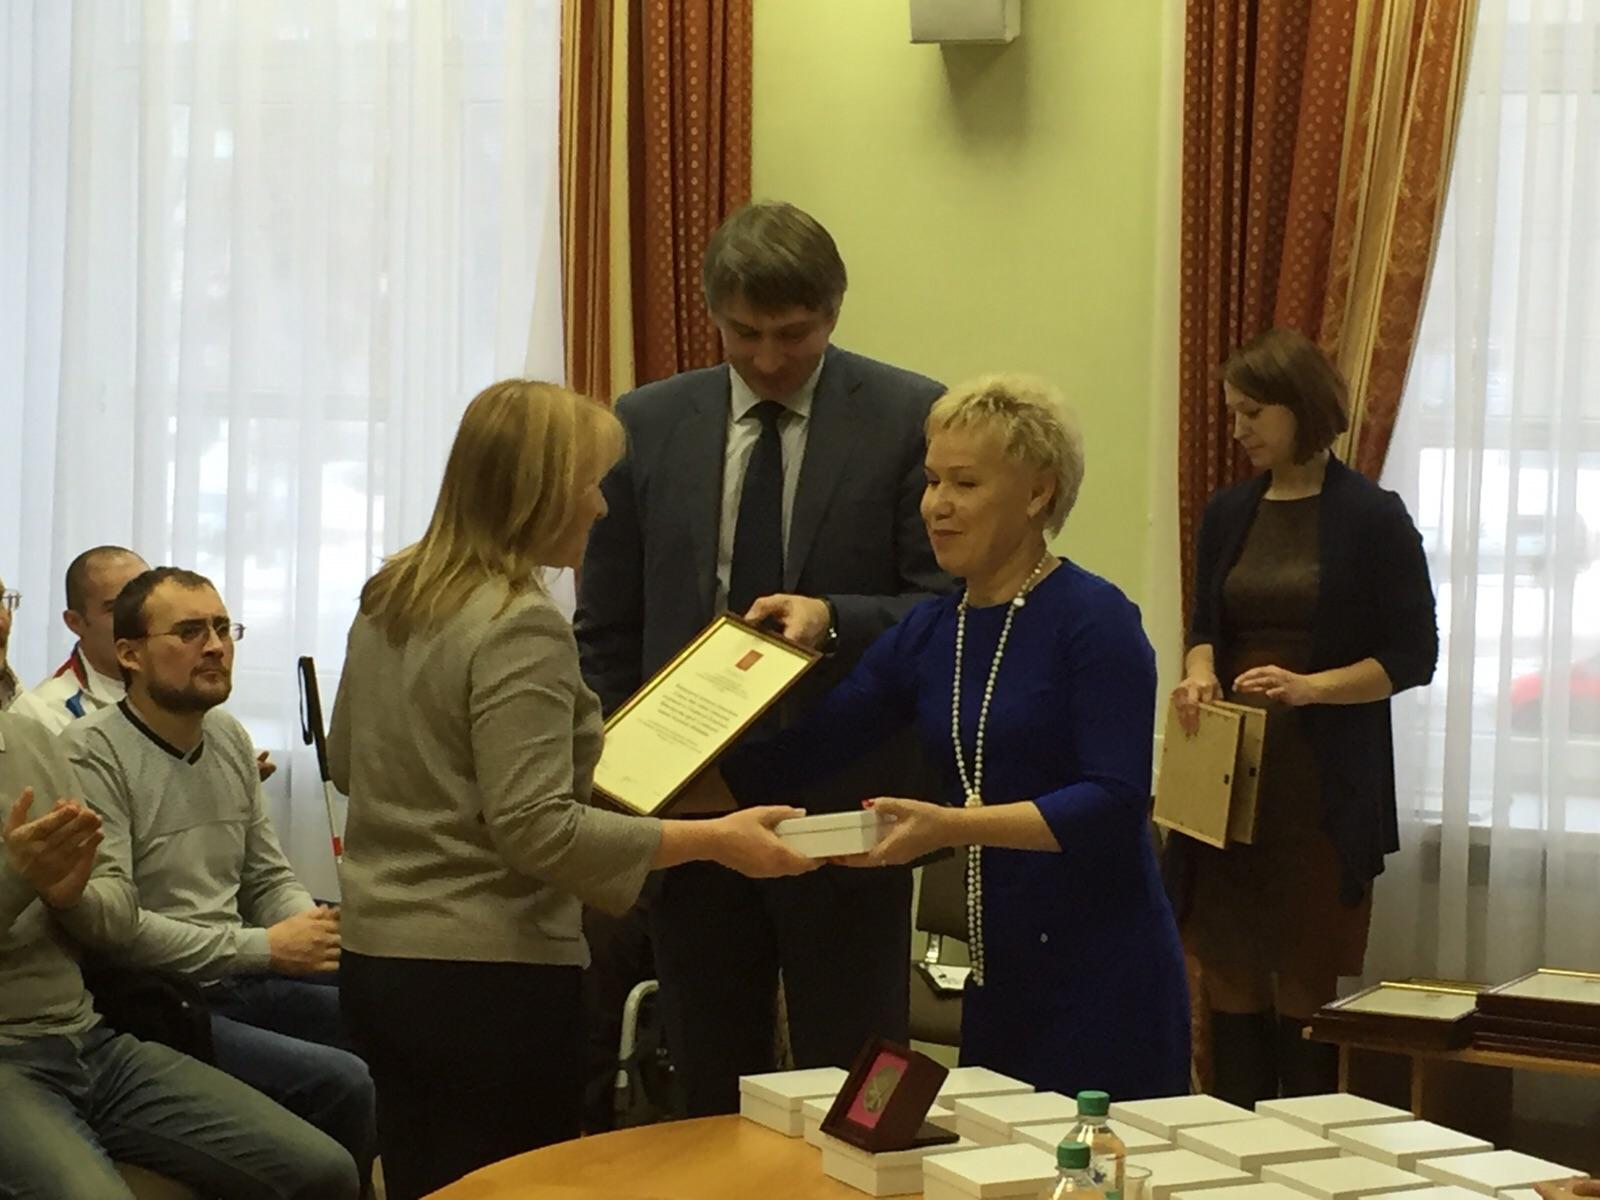 Р.А. Баталова в г. Ижевске (Удмуртская Республика) встретилась с членами паралимпийских сборных команд, спортсменами-паралимпийцами, представляющих регион